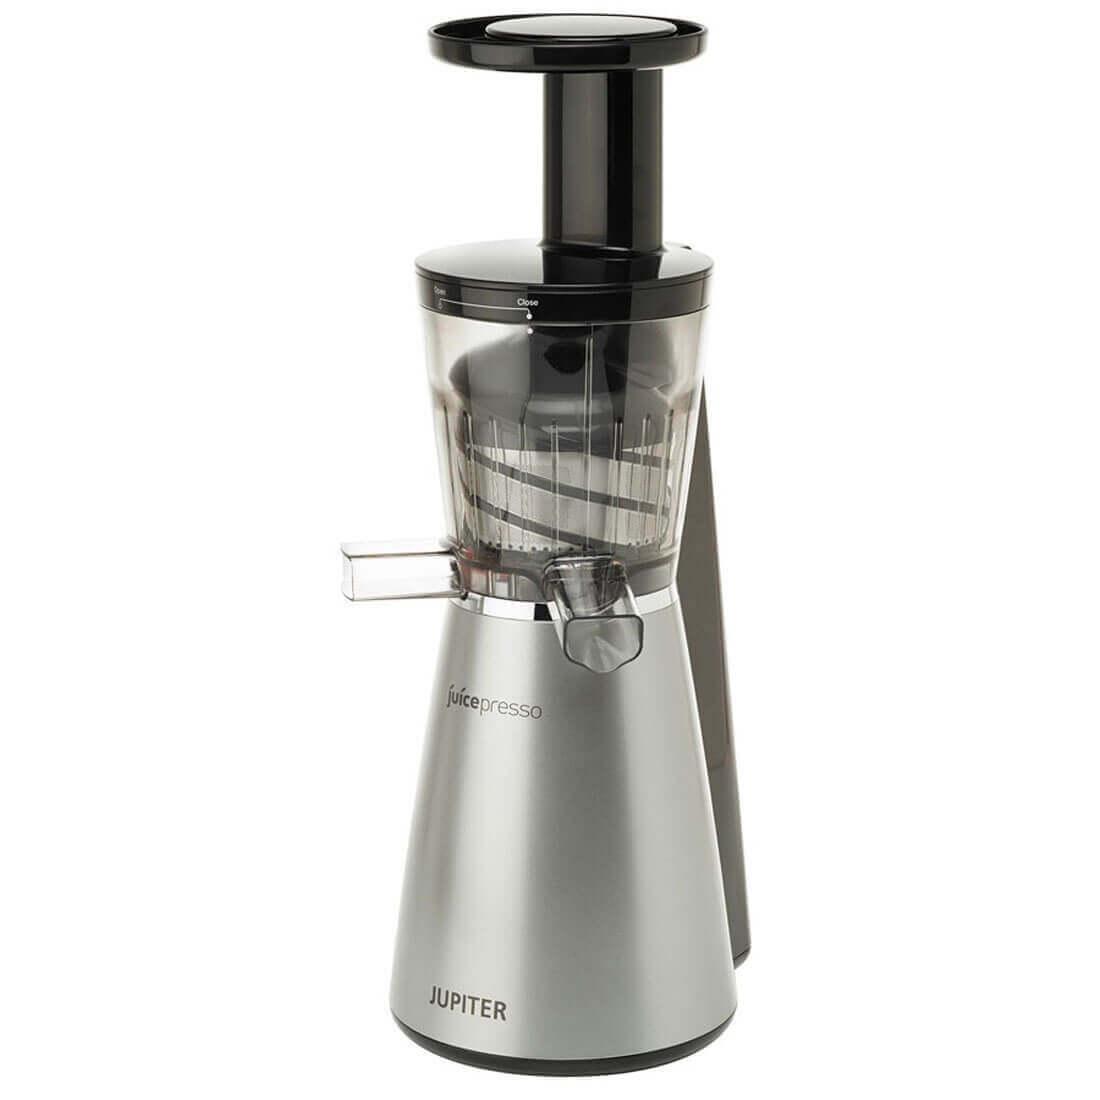 Extracteur de jus Juicepresso